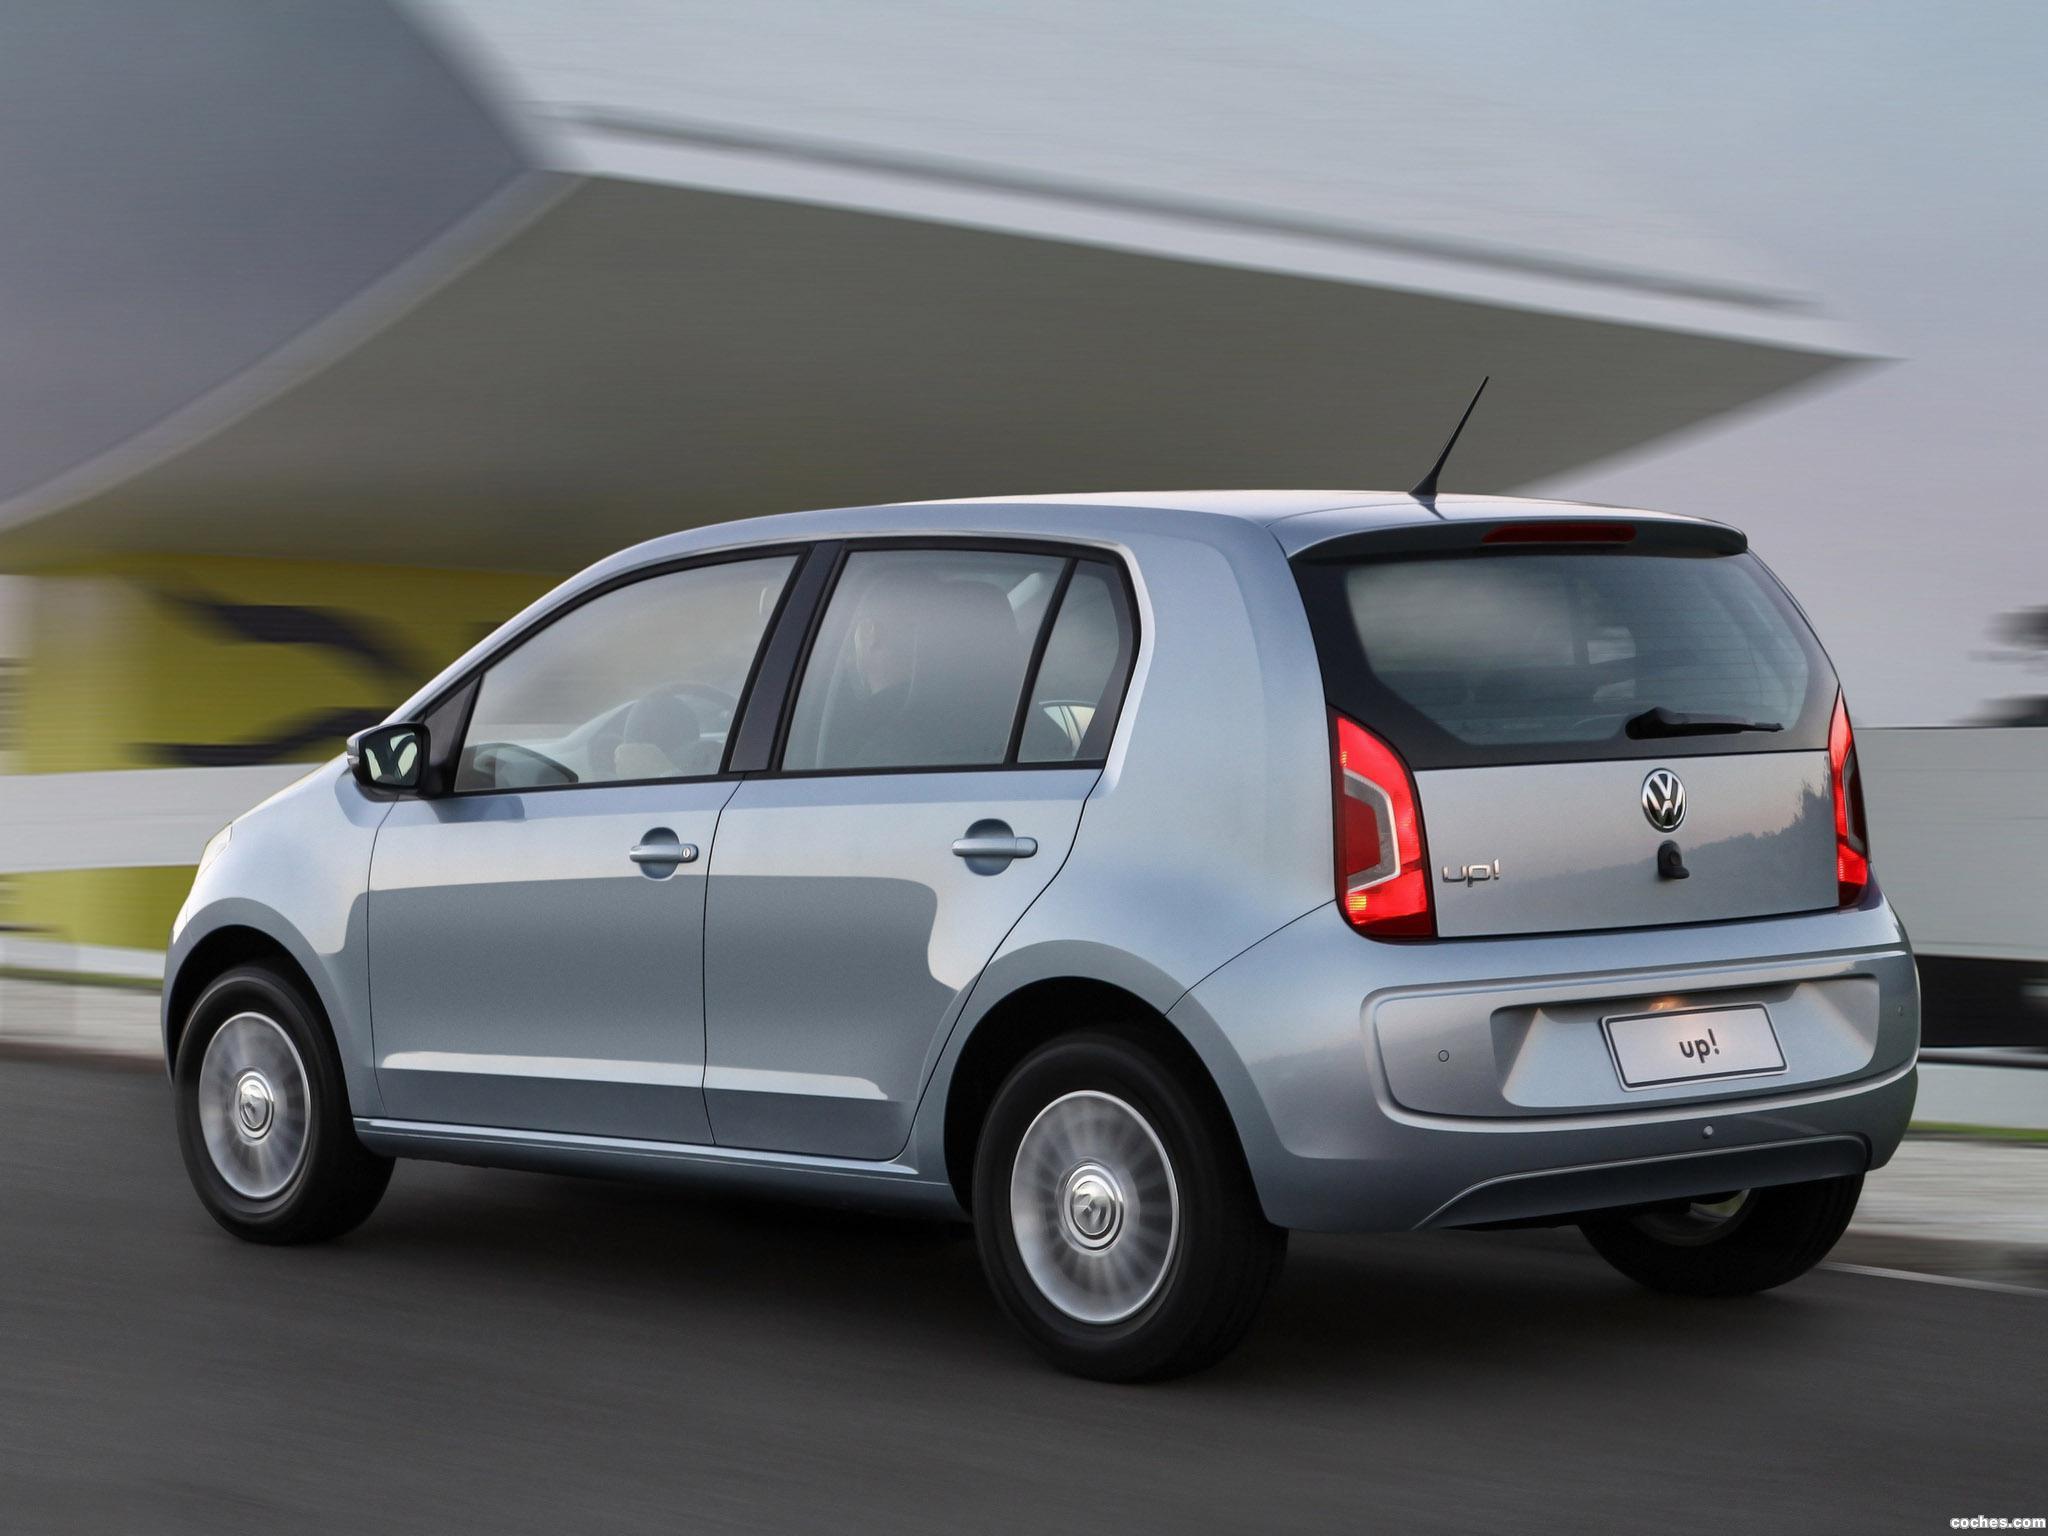 Foto 2 de Volkswagen Up! Brasil 2014